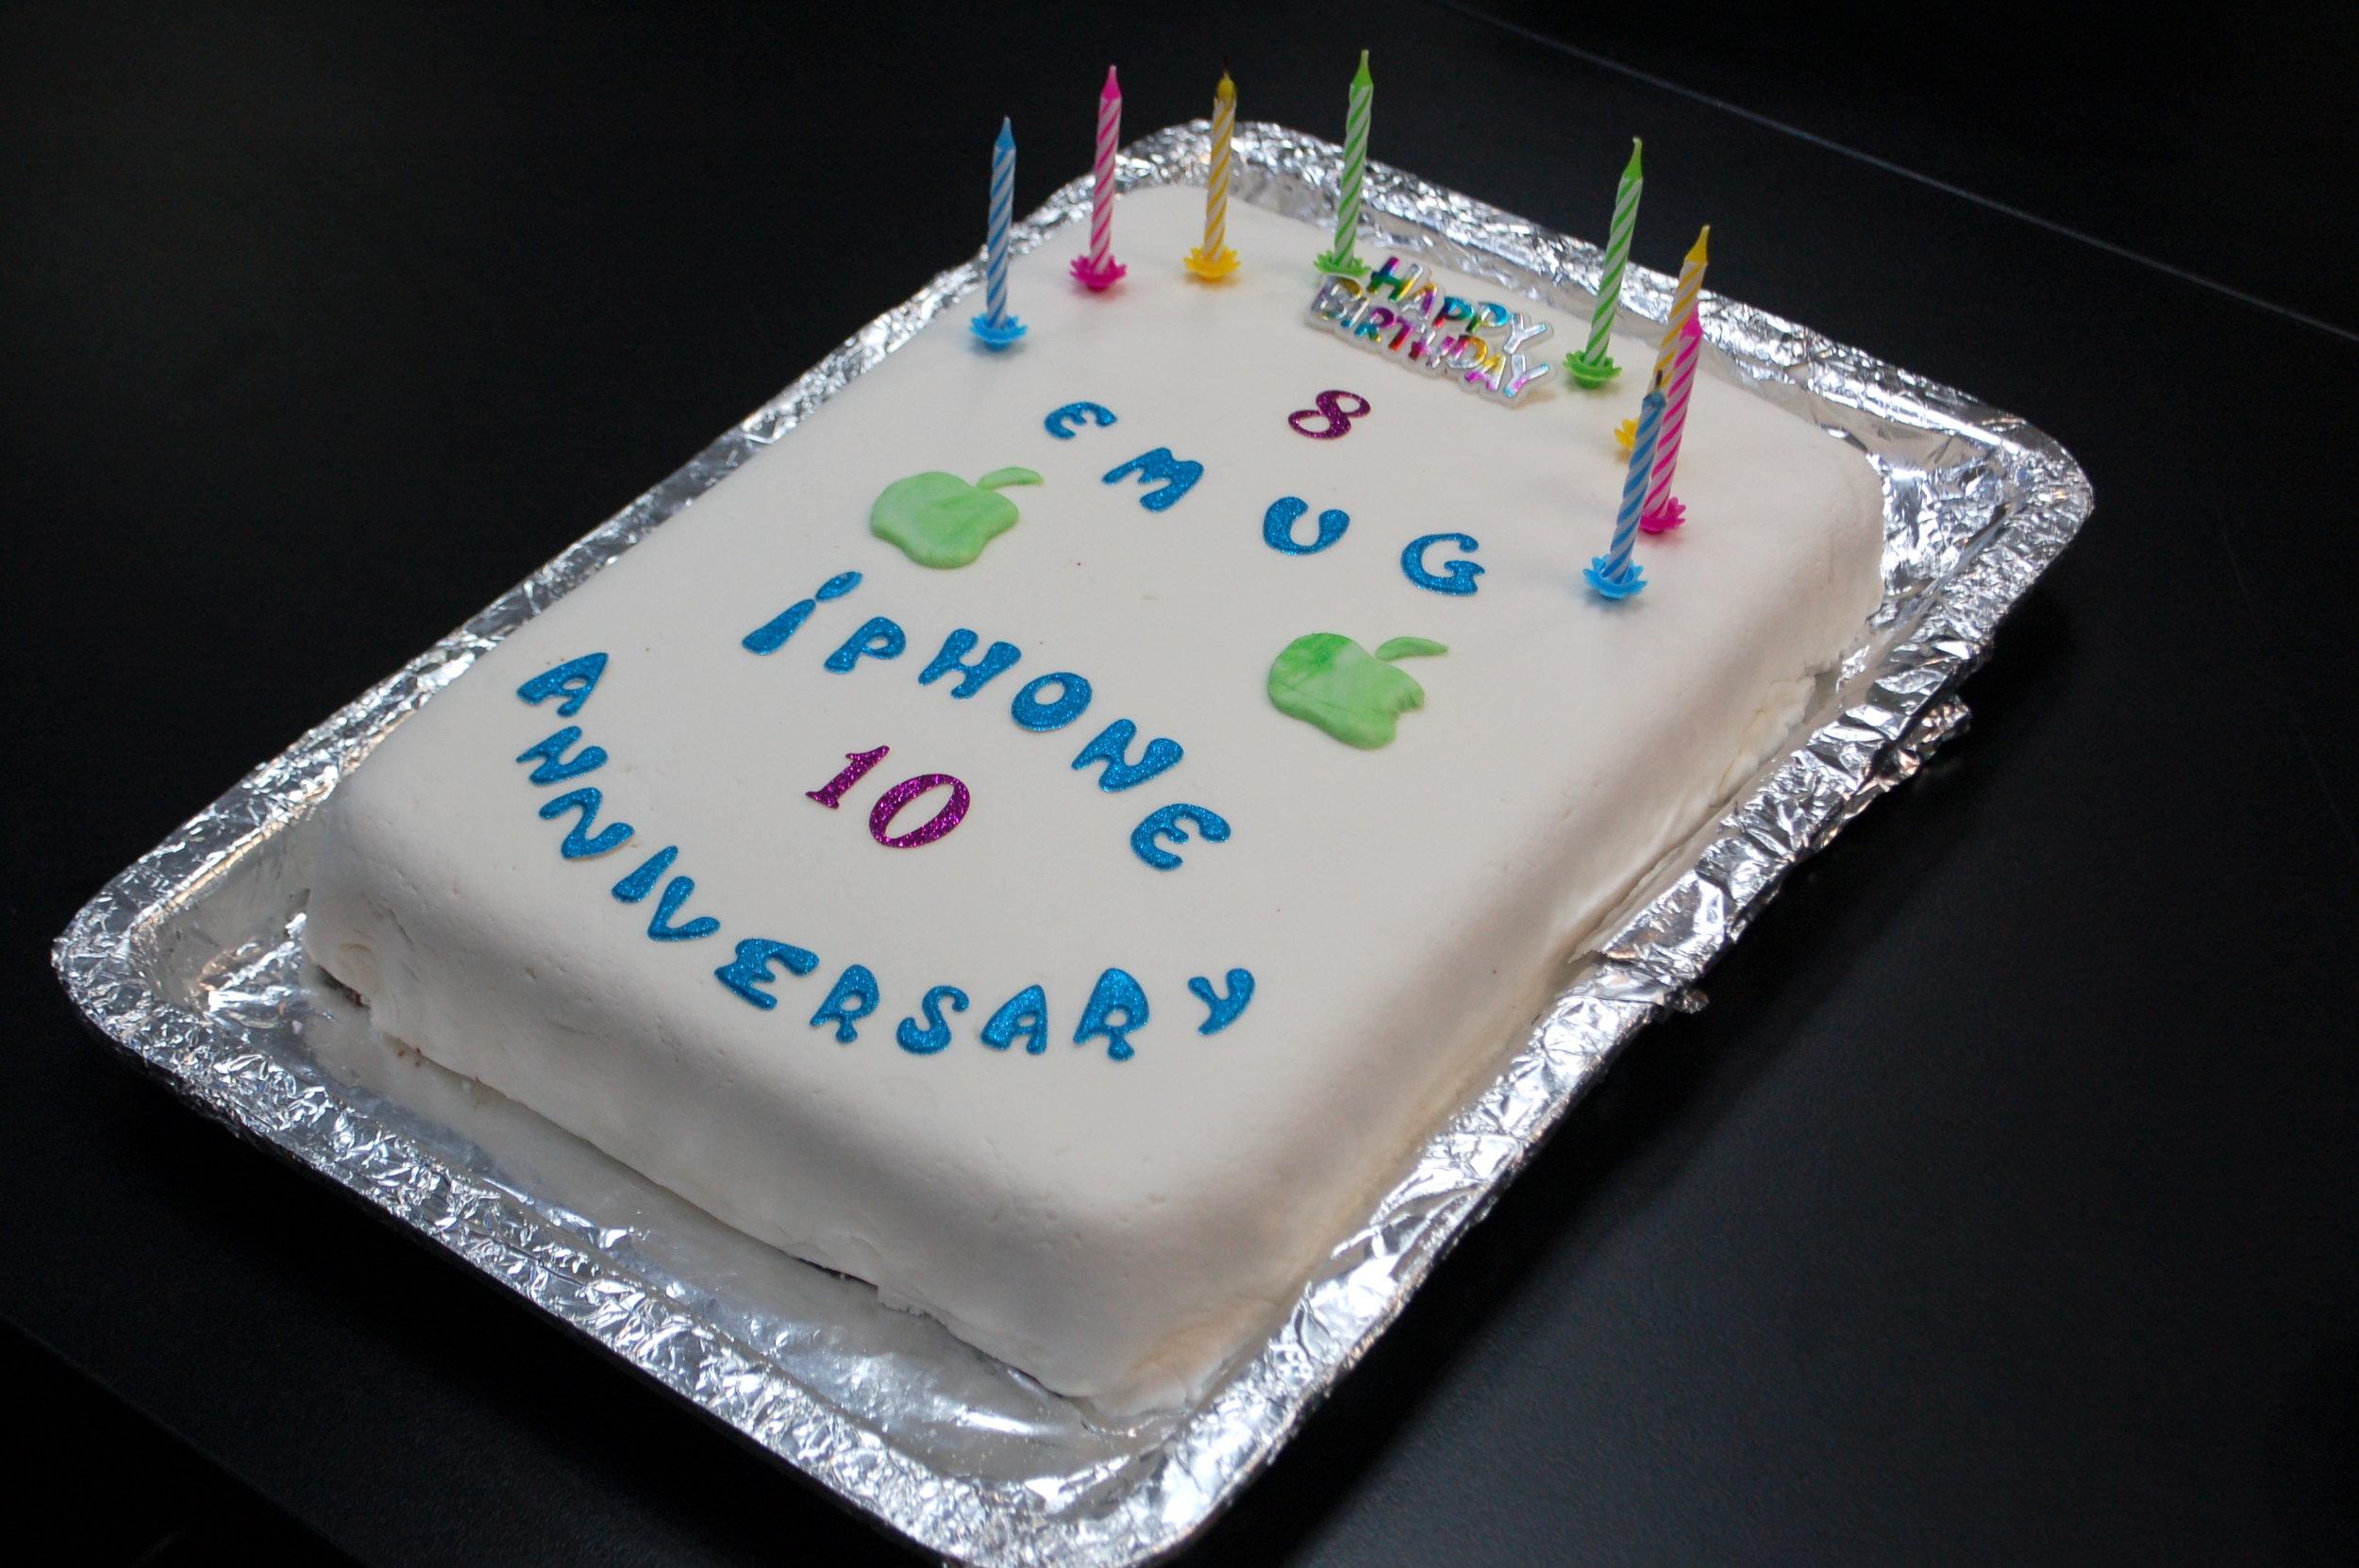 ChazFoto 20170719 eMug 8th birthday cake02.JPG